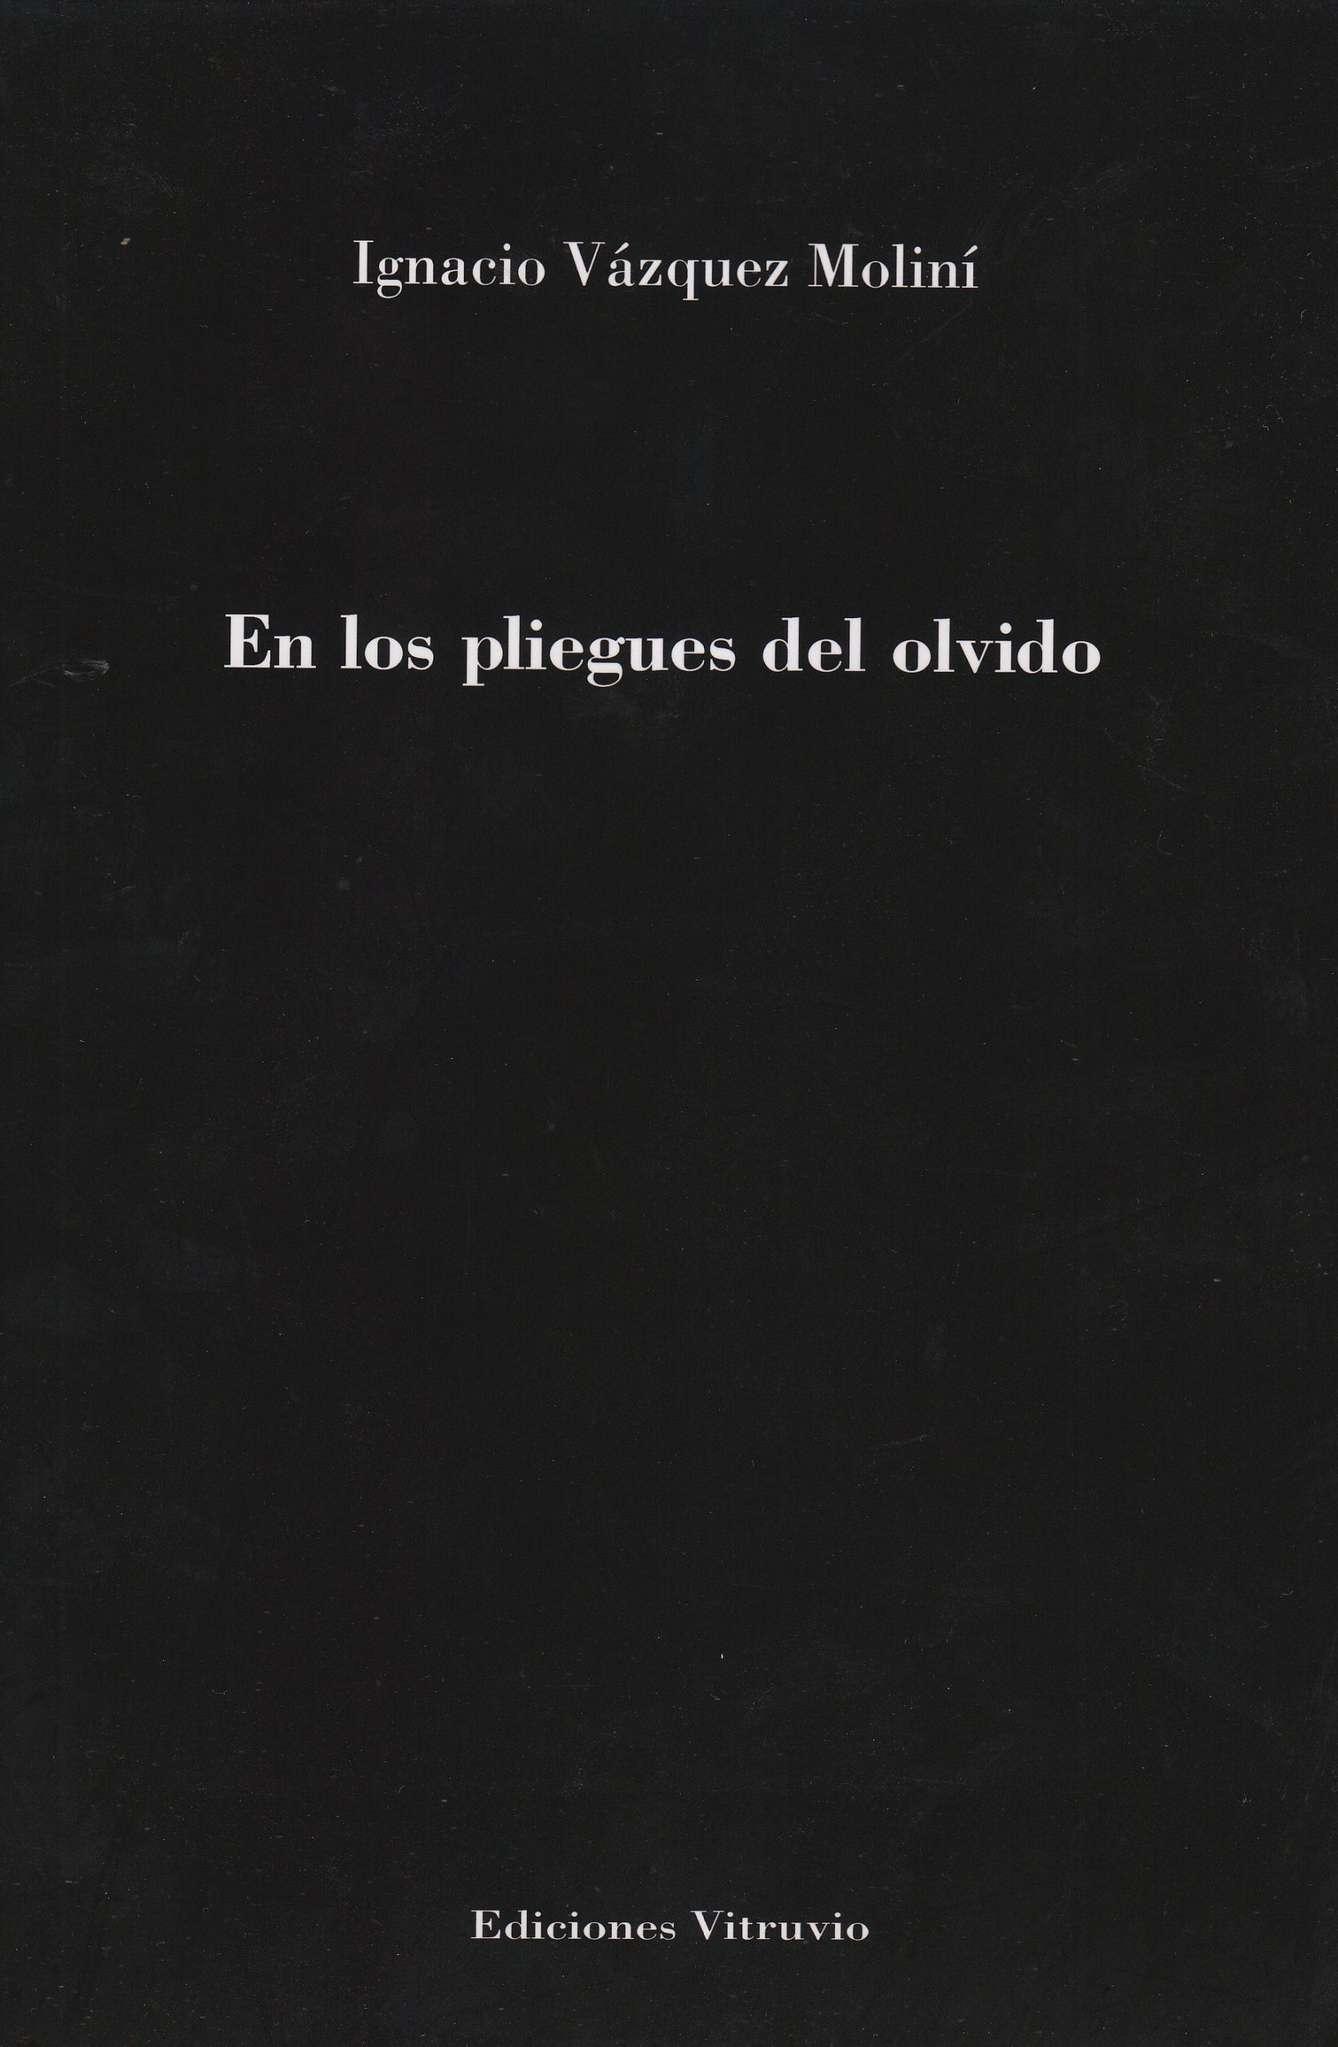 'En los pliegues del olvido' de Ignacio Vázquez Moliní